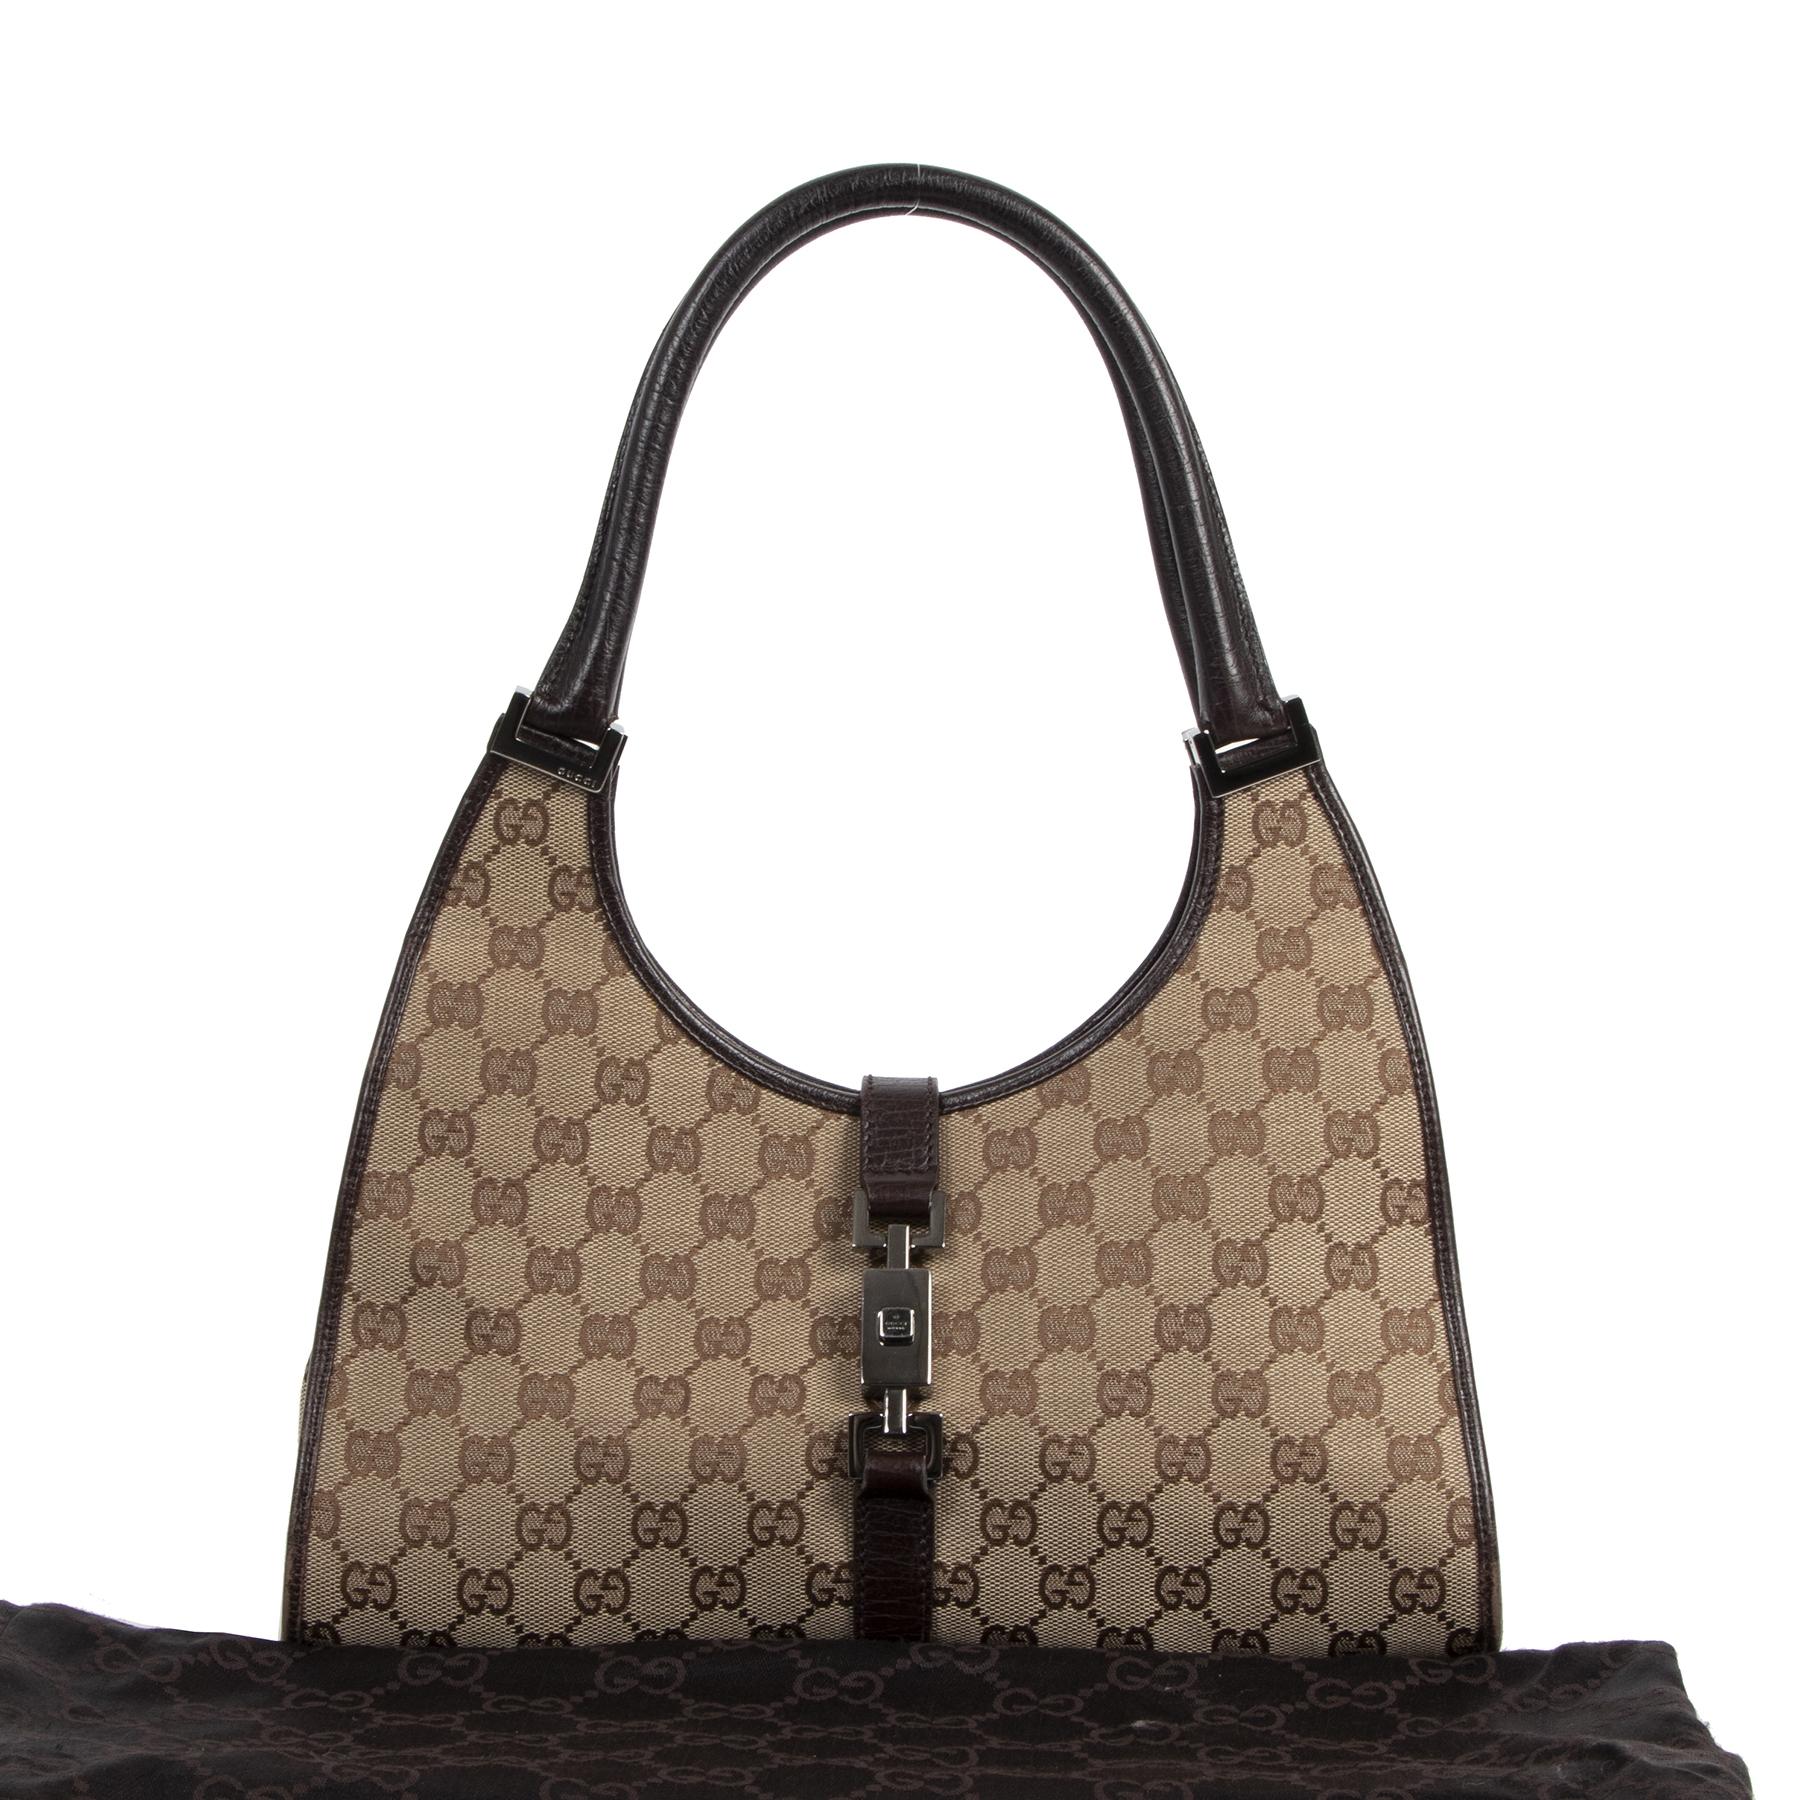 Koop authentieke tweedehands Gucci tassen met de juiste prijs bij LabelLOV.